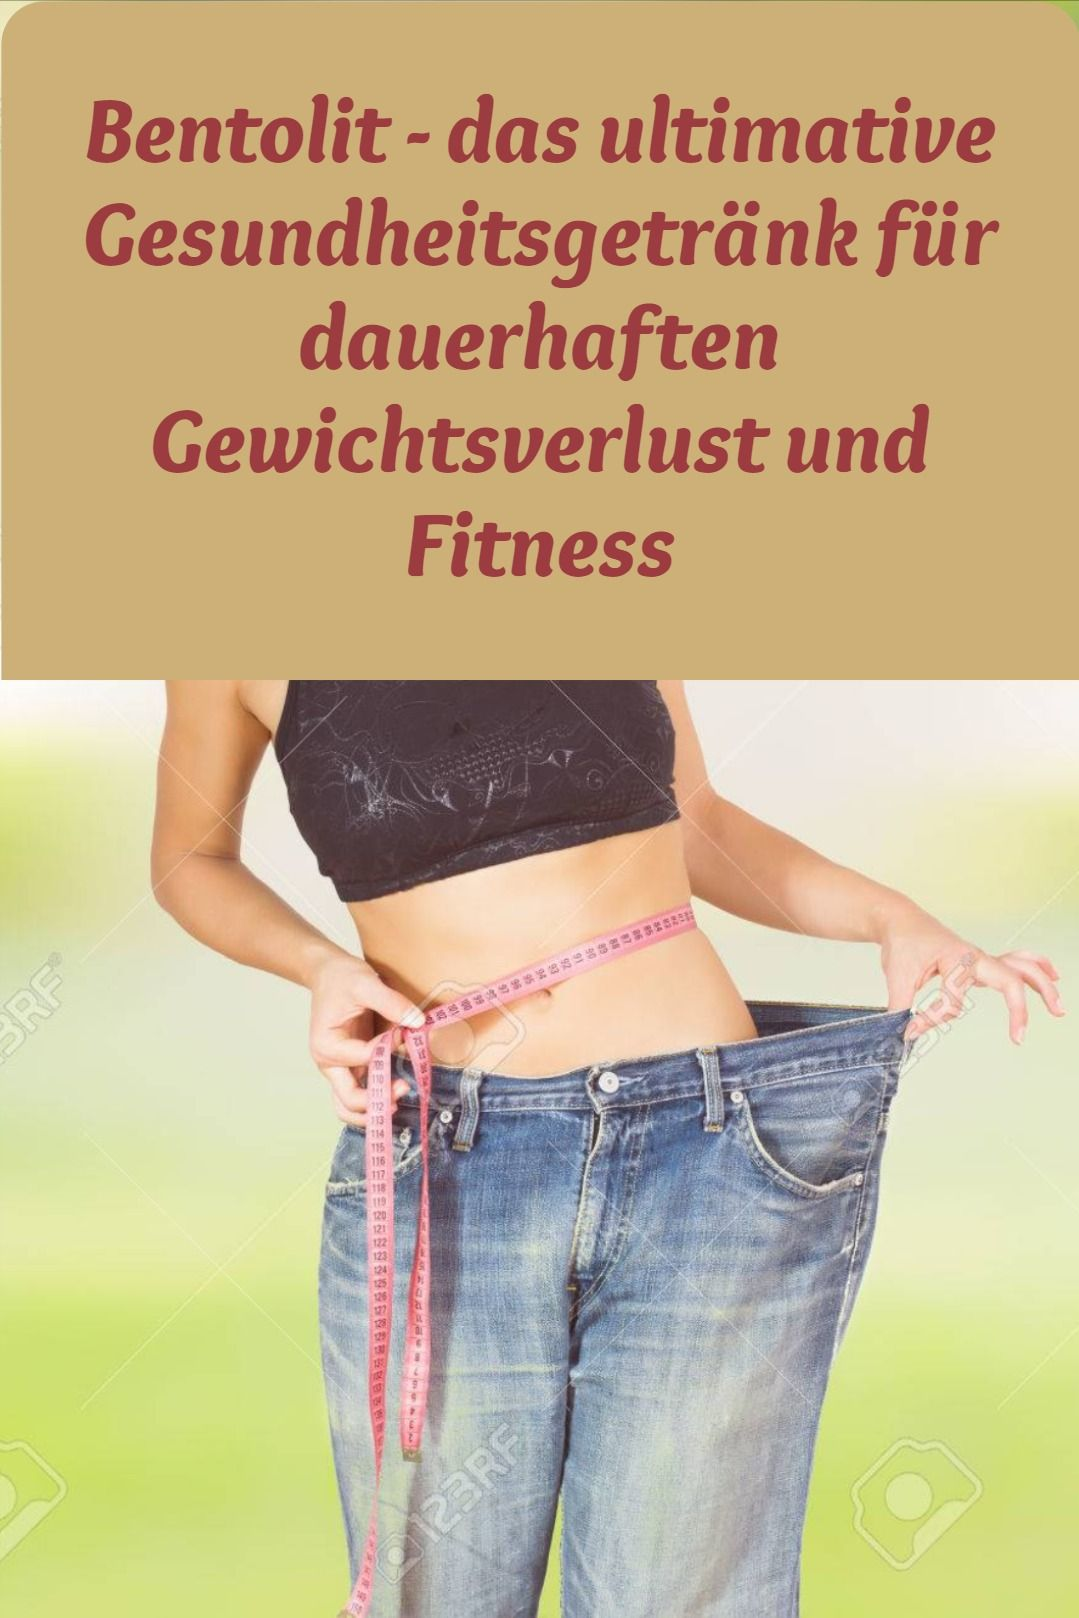 Gewichtsverlust Krankheit